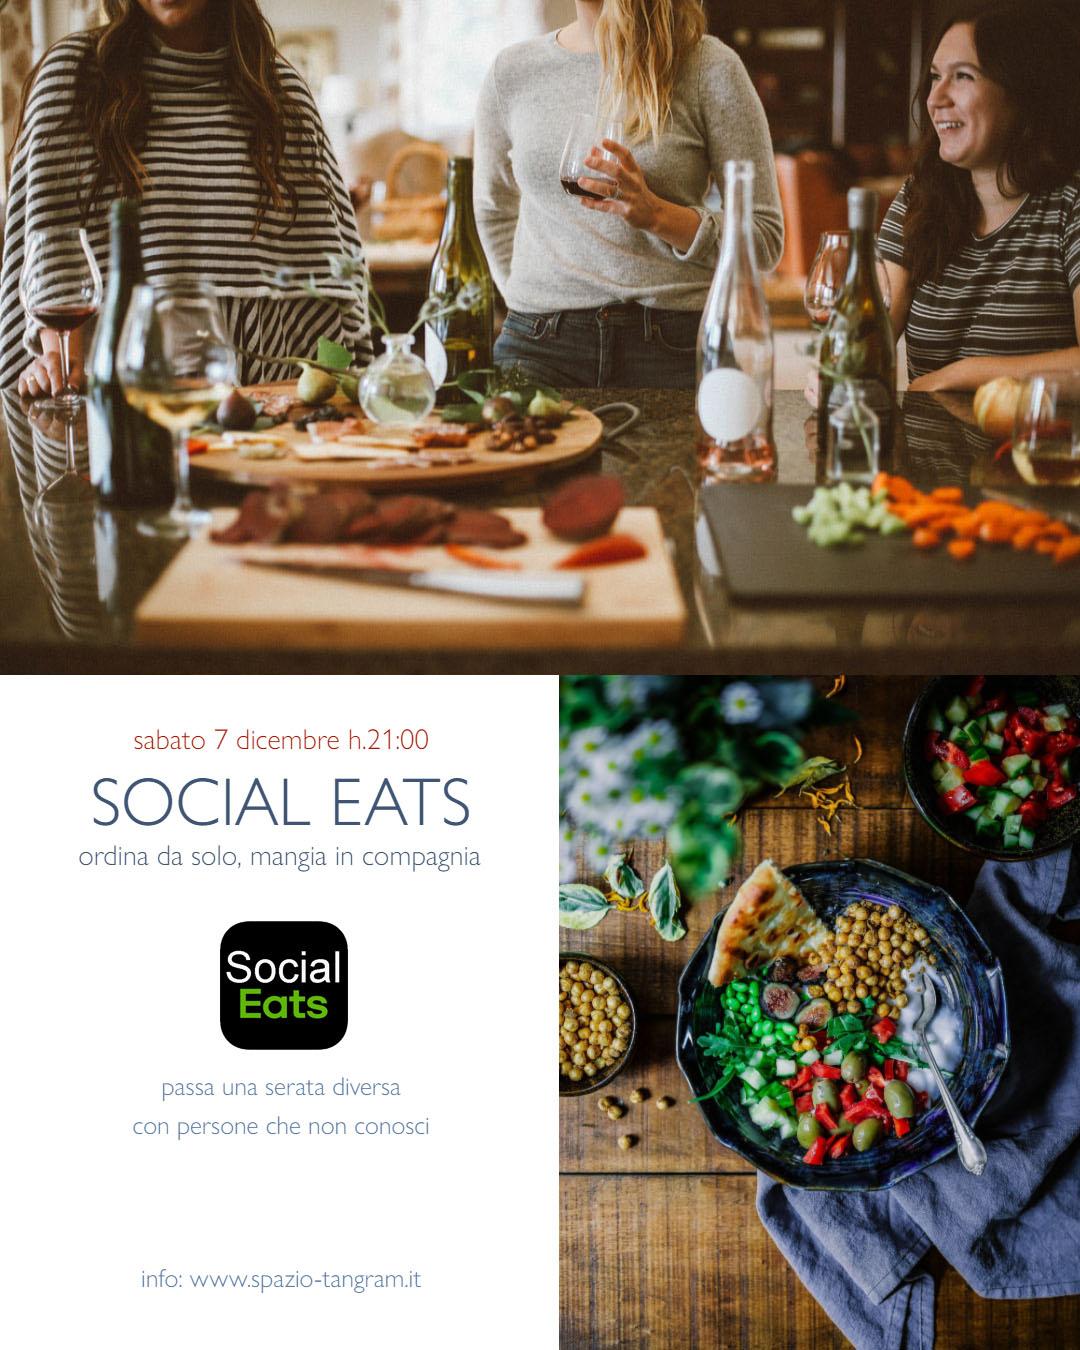 Social Eats: ordina da solo, mangia in compagnia